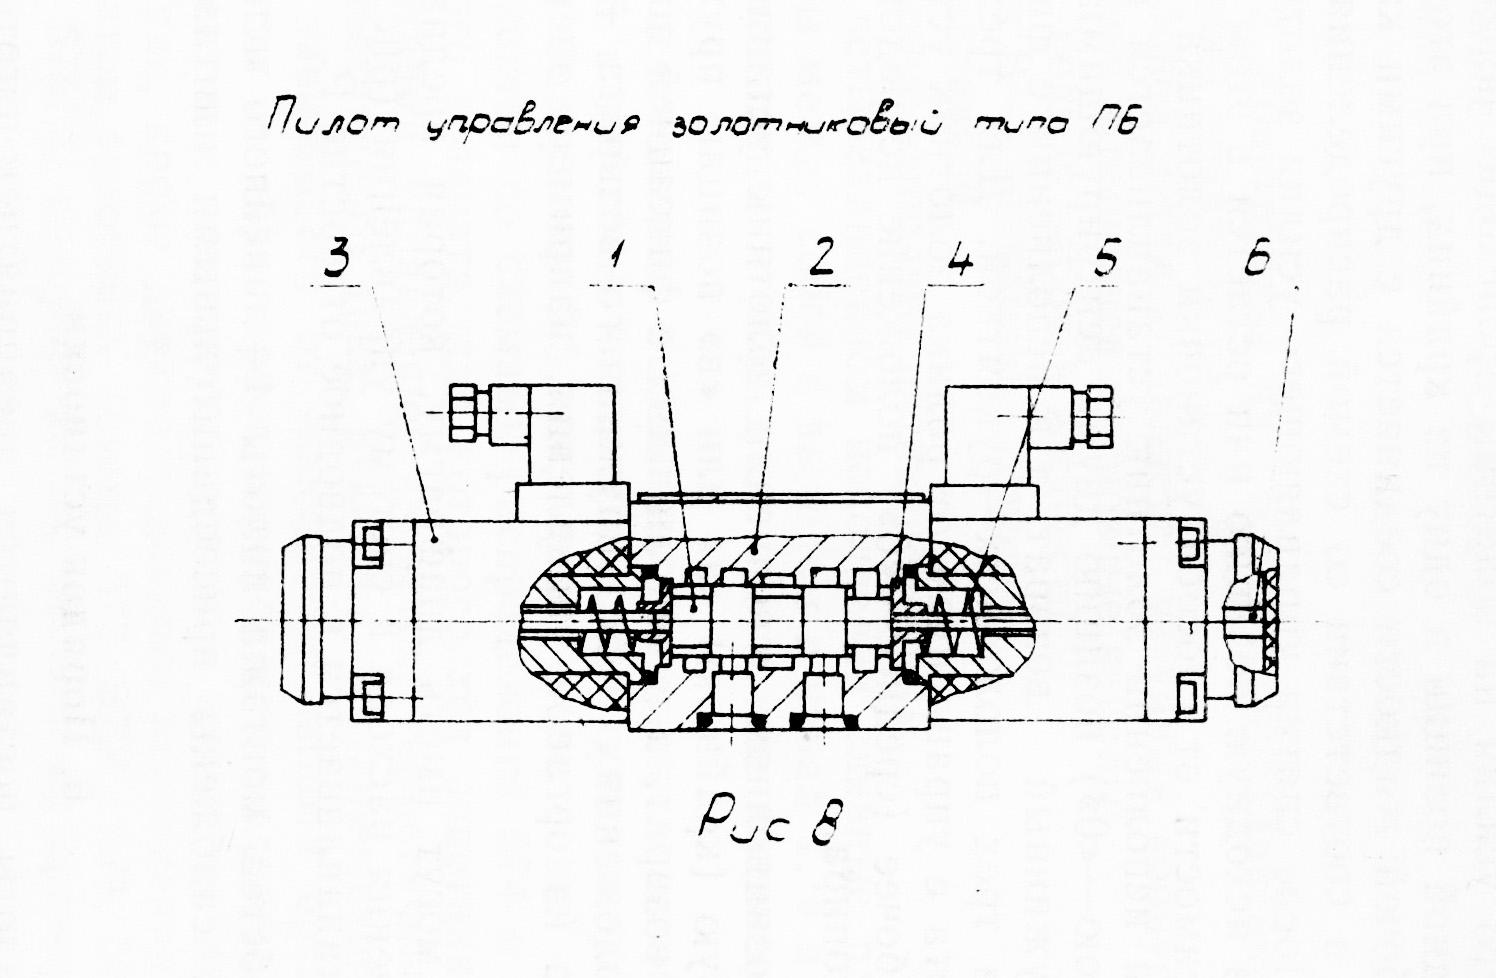 Устроиство распределителя марки ВМР6 ВМР10 ВММ6 ВММ10.psd